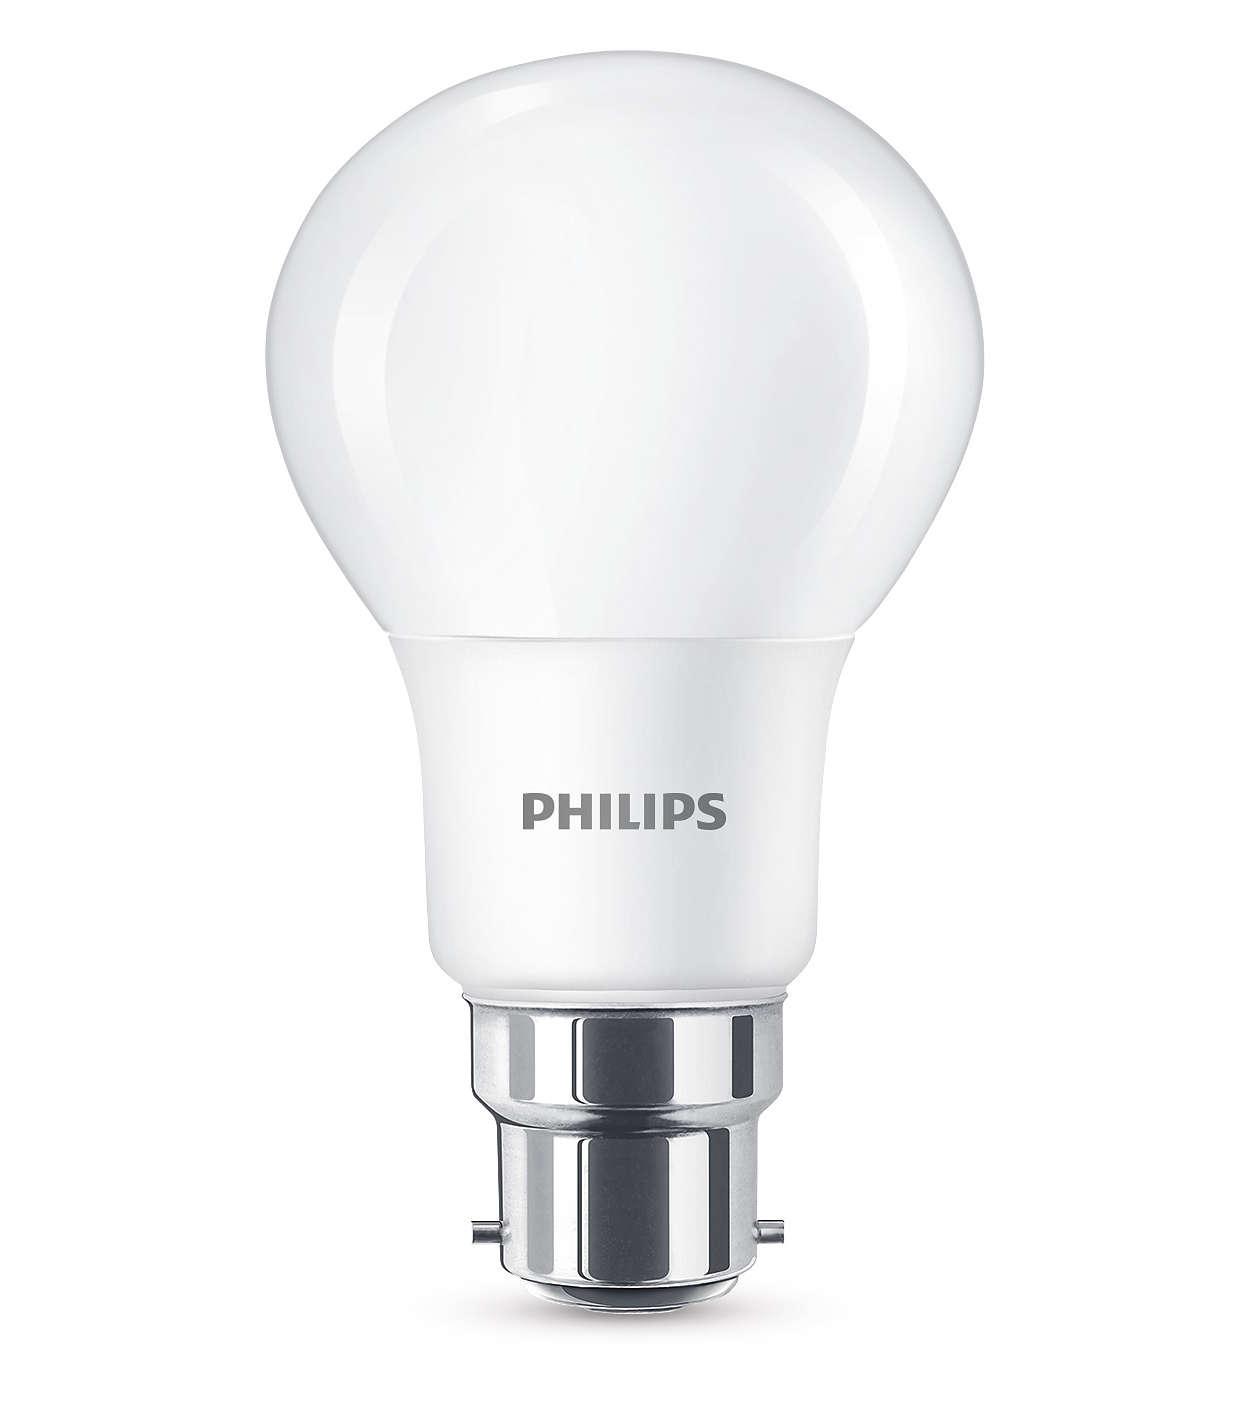 Студена бяла светлина, без компромис с качеството на осветлението